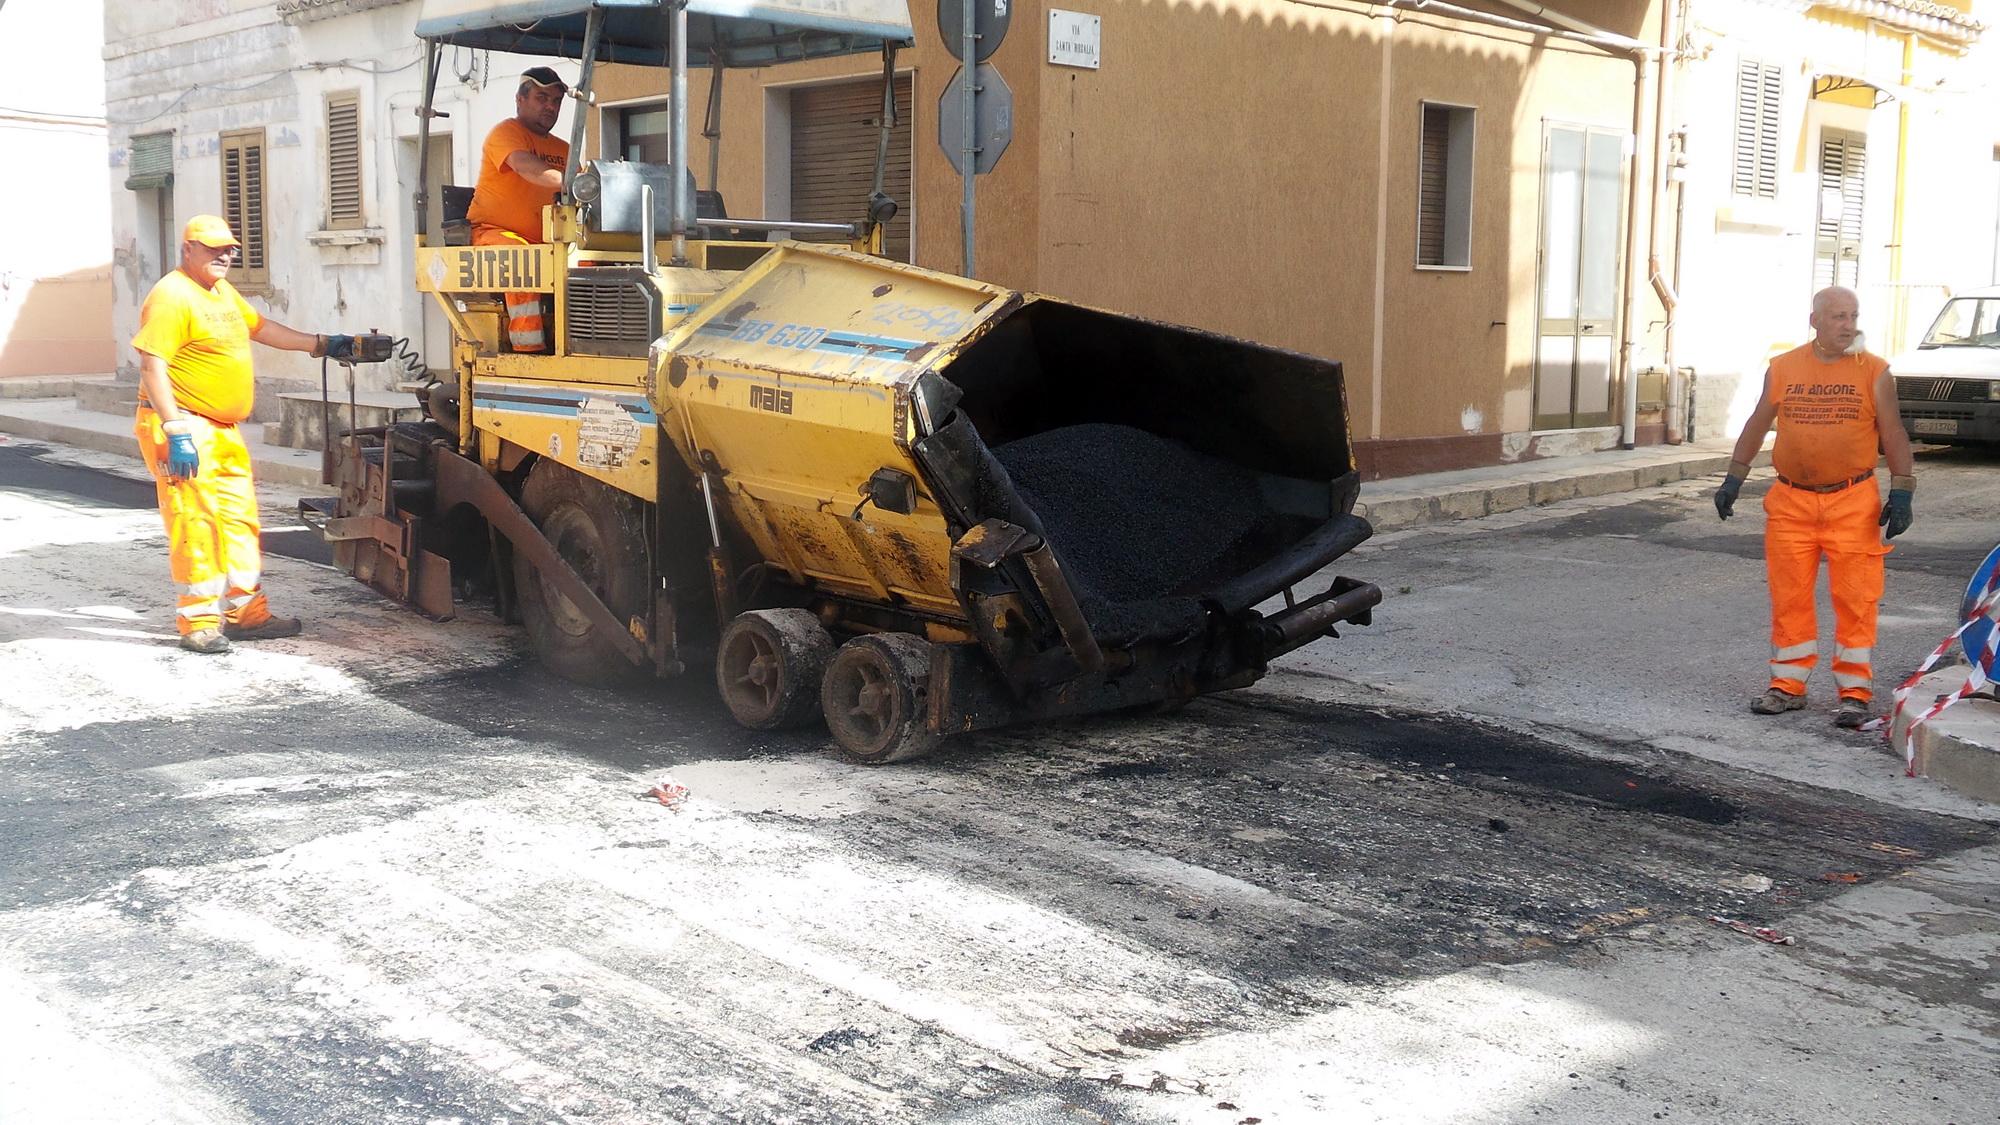 Via alla ripavimentazione delle strade dopo i lavori per la fibra ottica